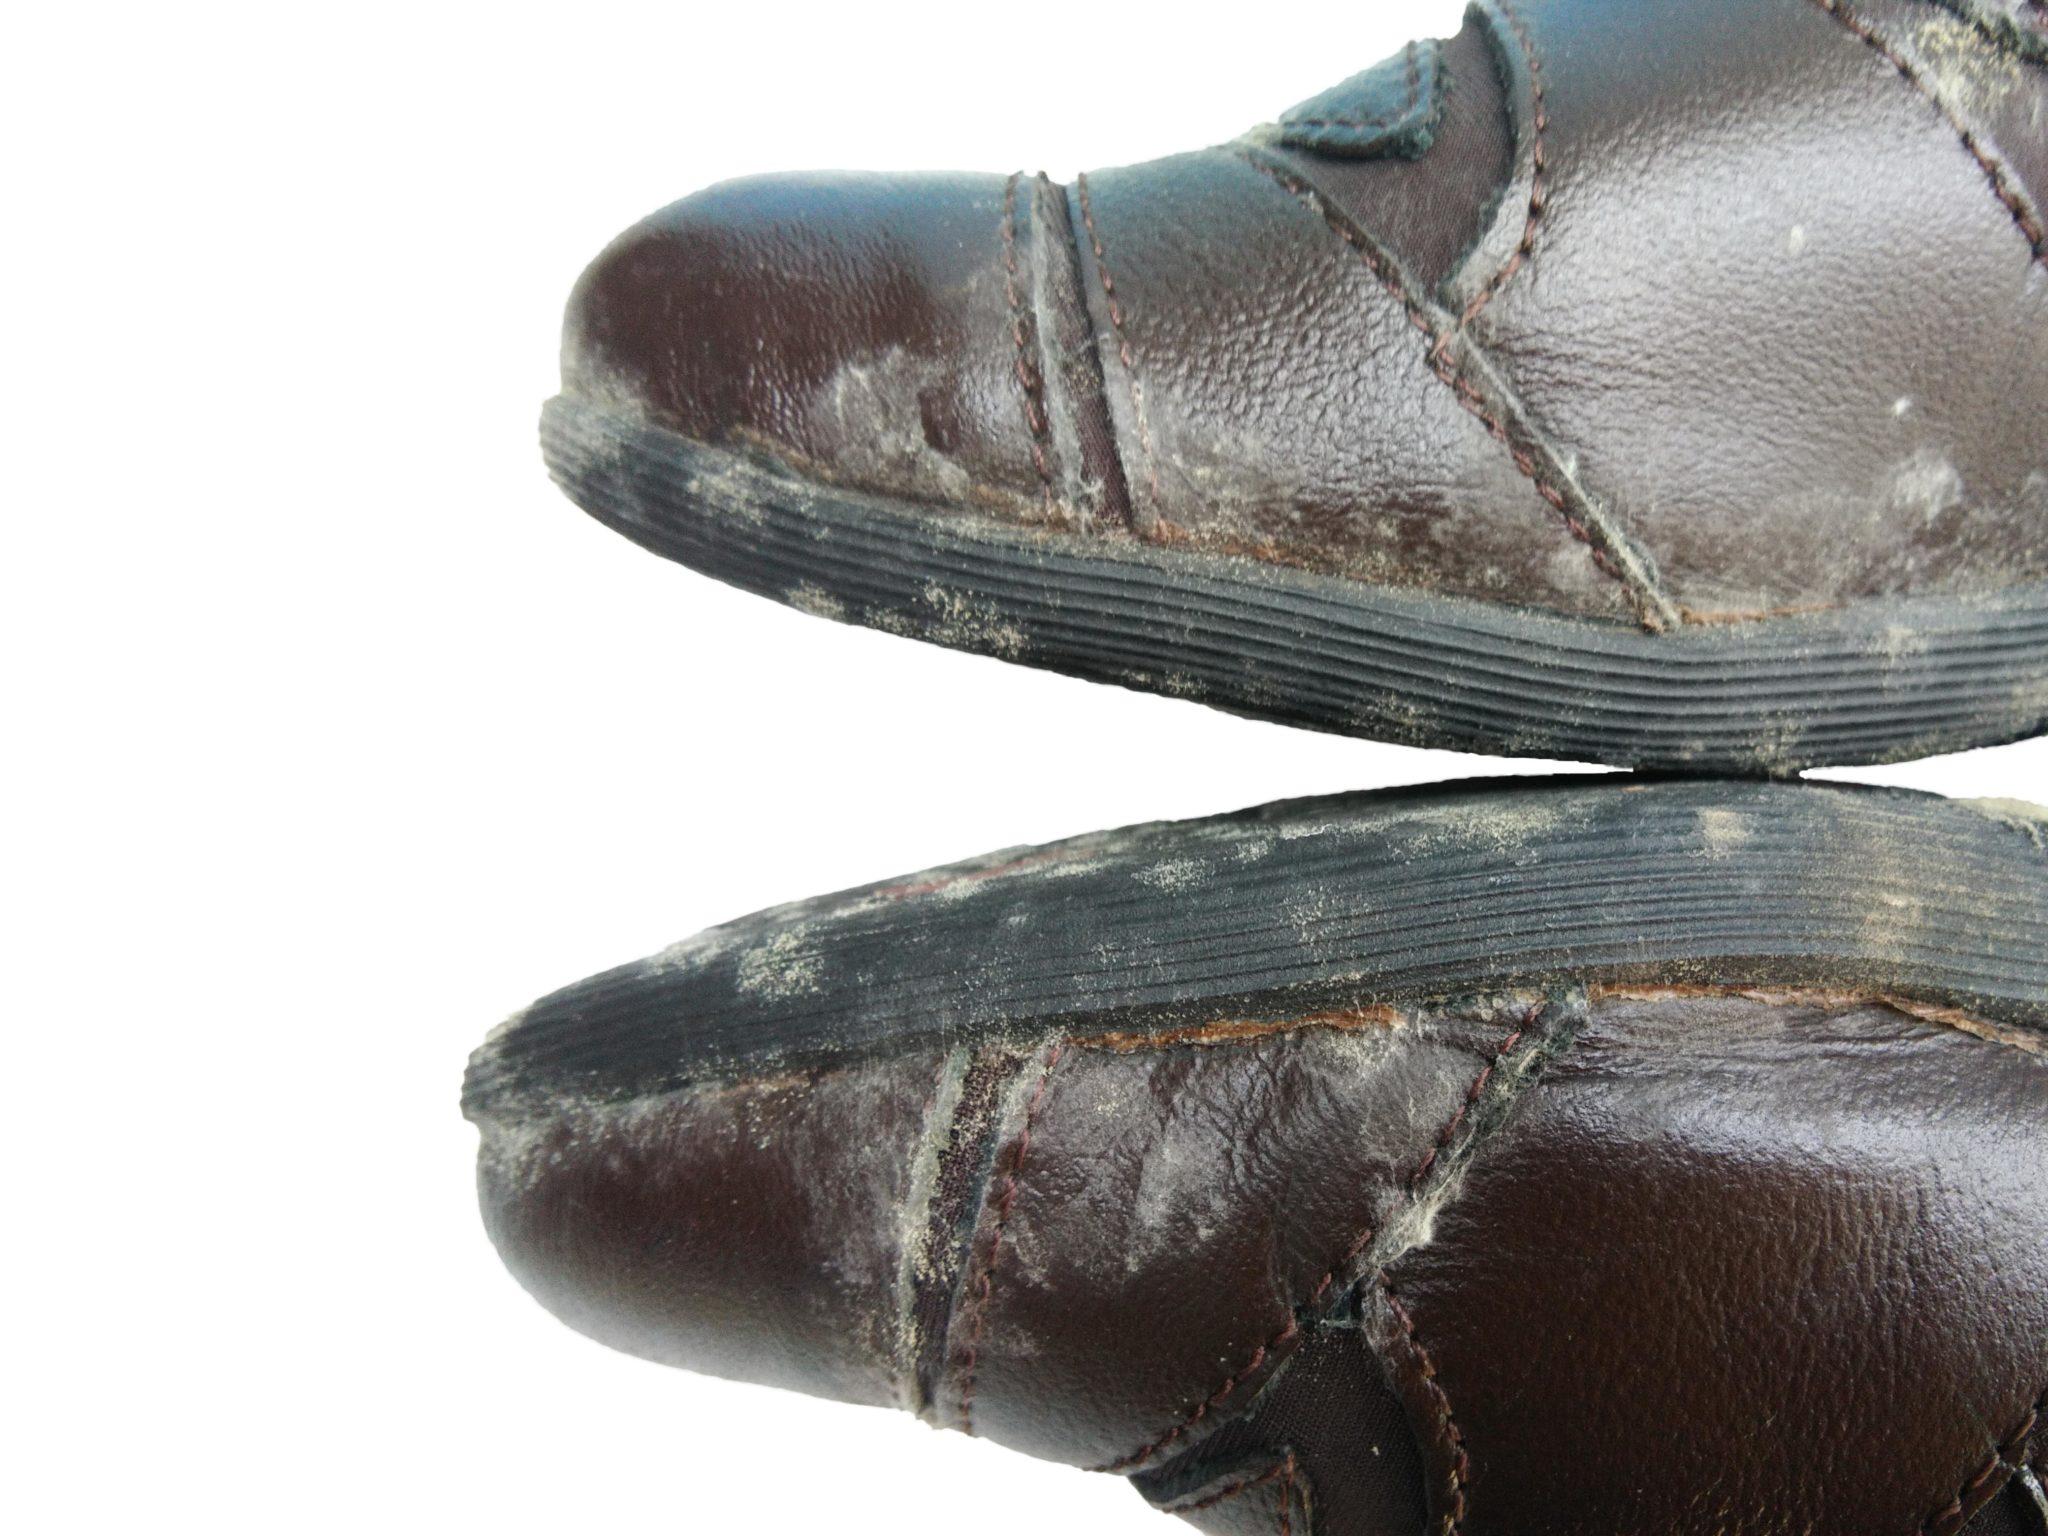 ti auguro il meglio equipaggio Nucleare  Come togliere la muffa dalle scarpe - murprotec.it